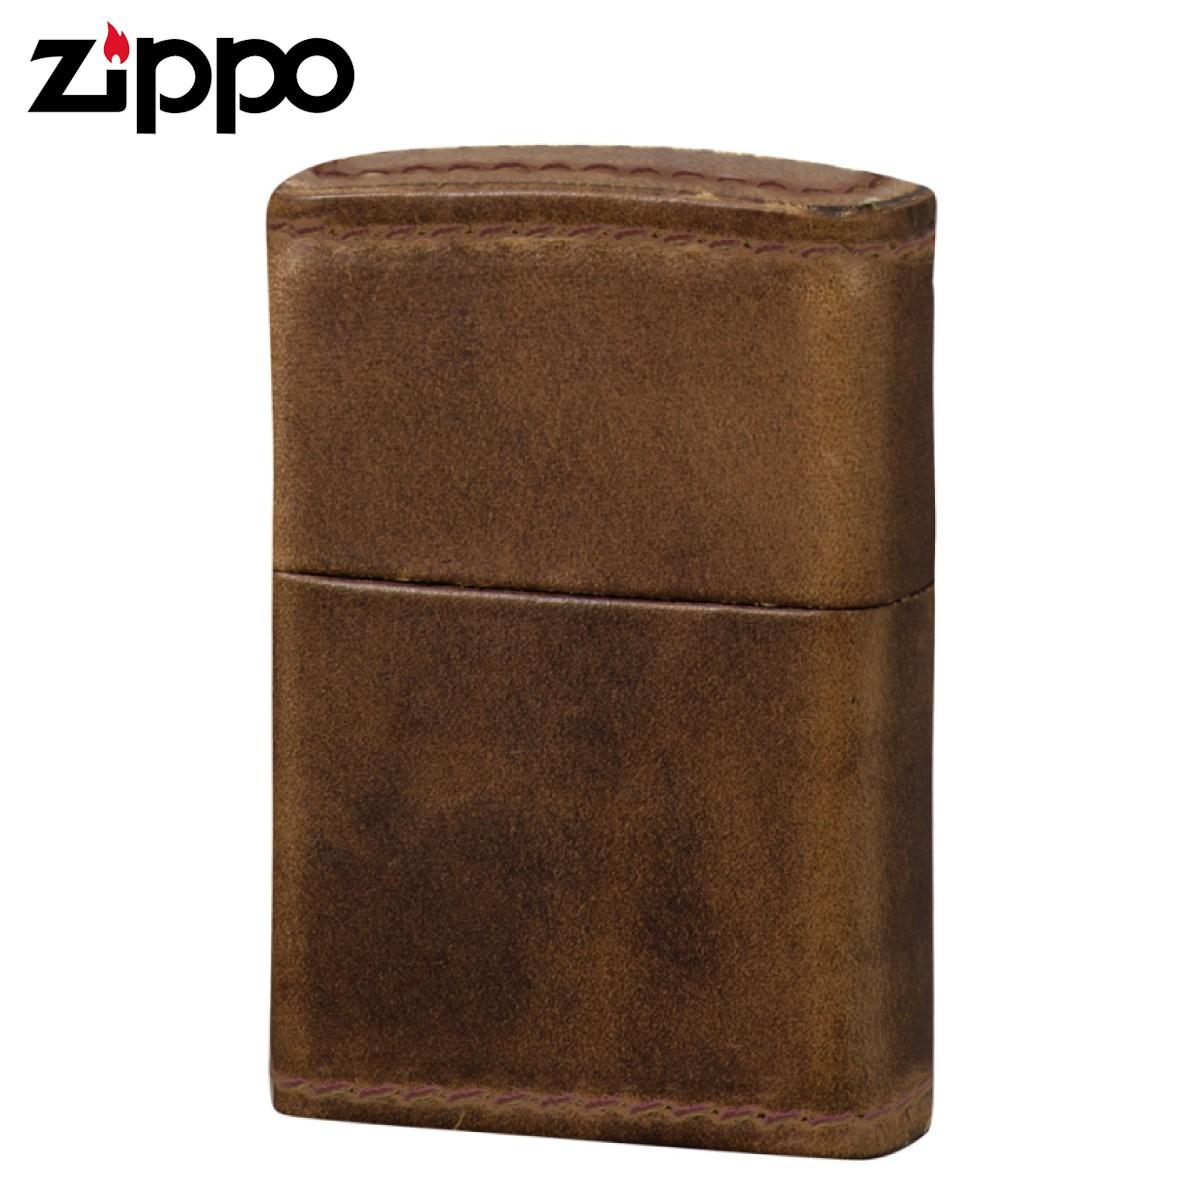 zippo ジッポーライター クロムエクセルレザー革巻 ナチュラル ギフト プレゼント 贈り物 返品不可 オイルライター ジッポライター メンズ レディース 男性用 女性用 喫煙具